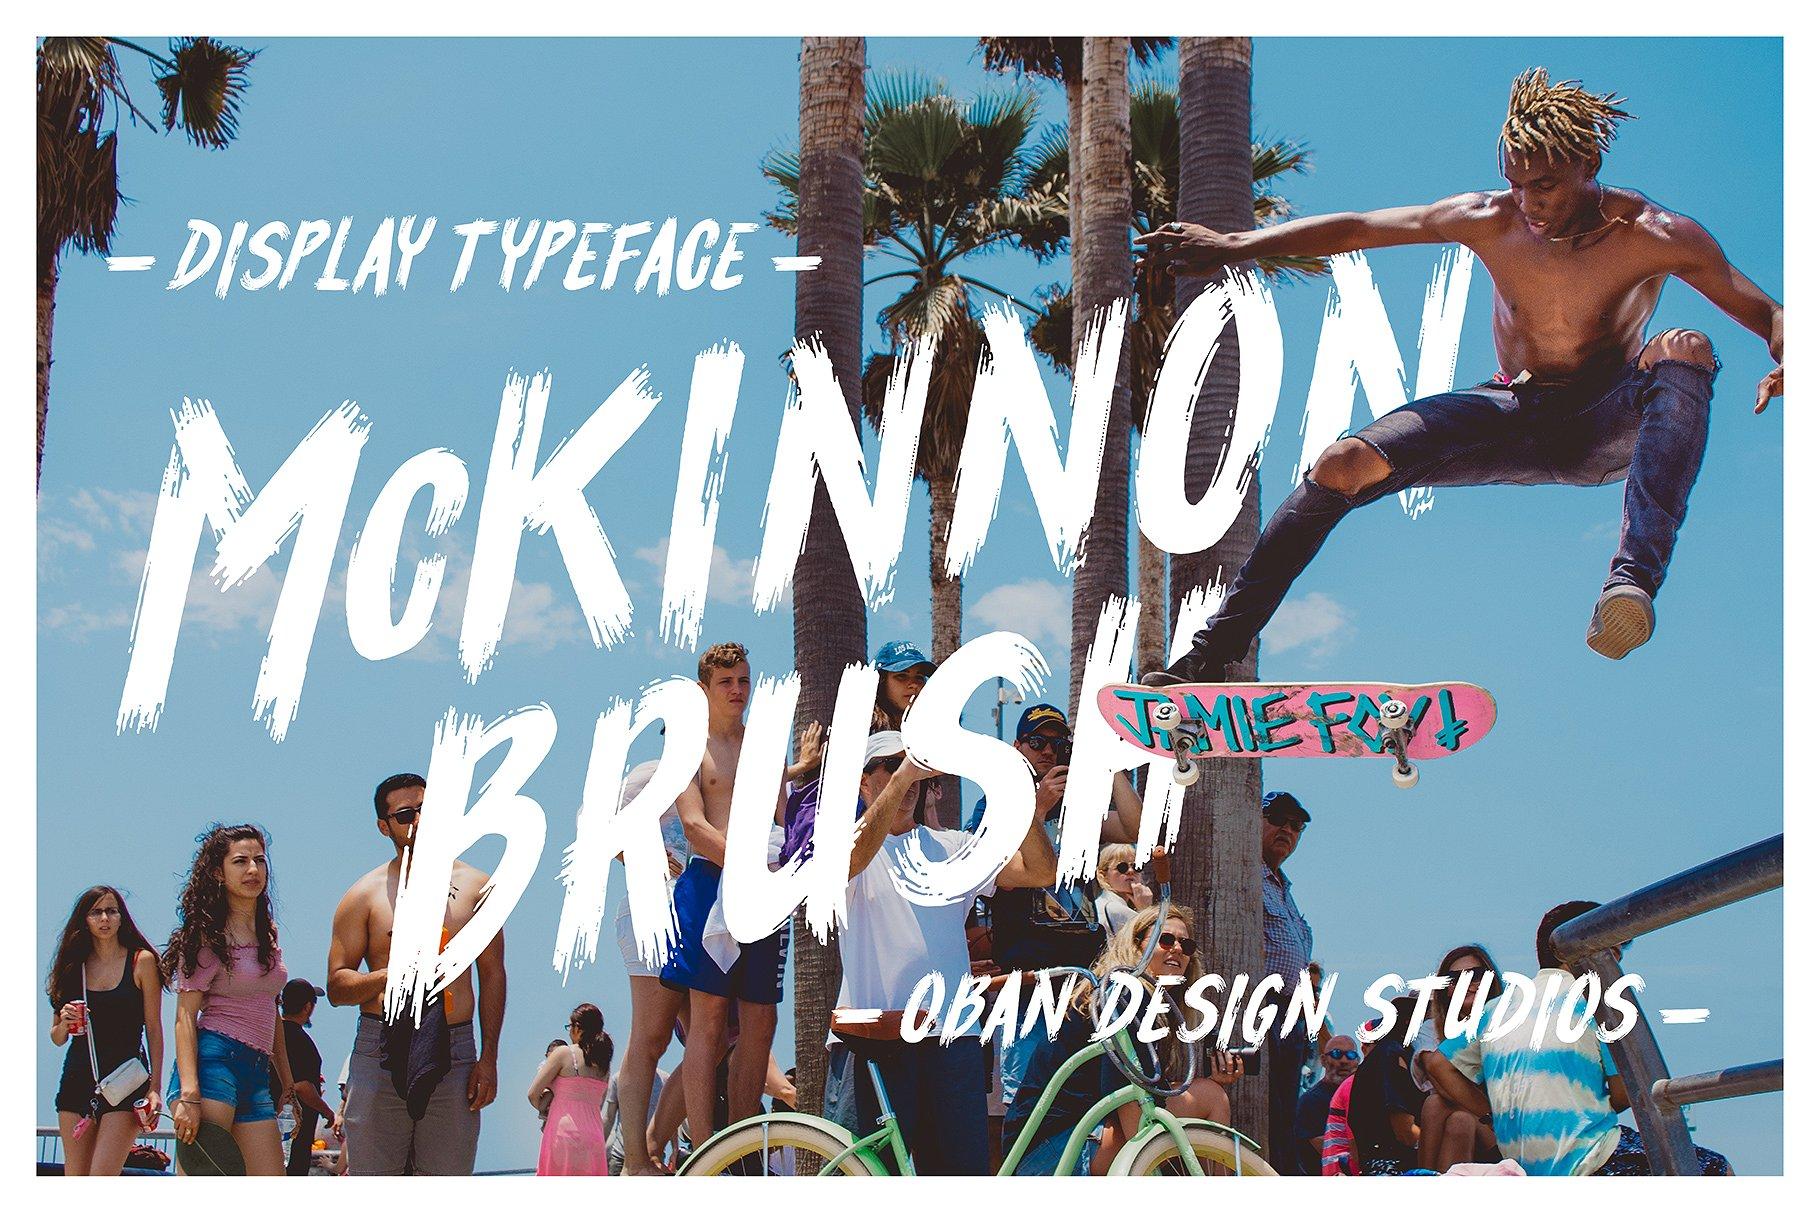 McKinnon时尚电商摄影海报手写英文字体下载